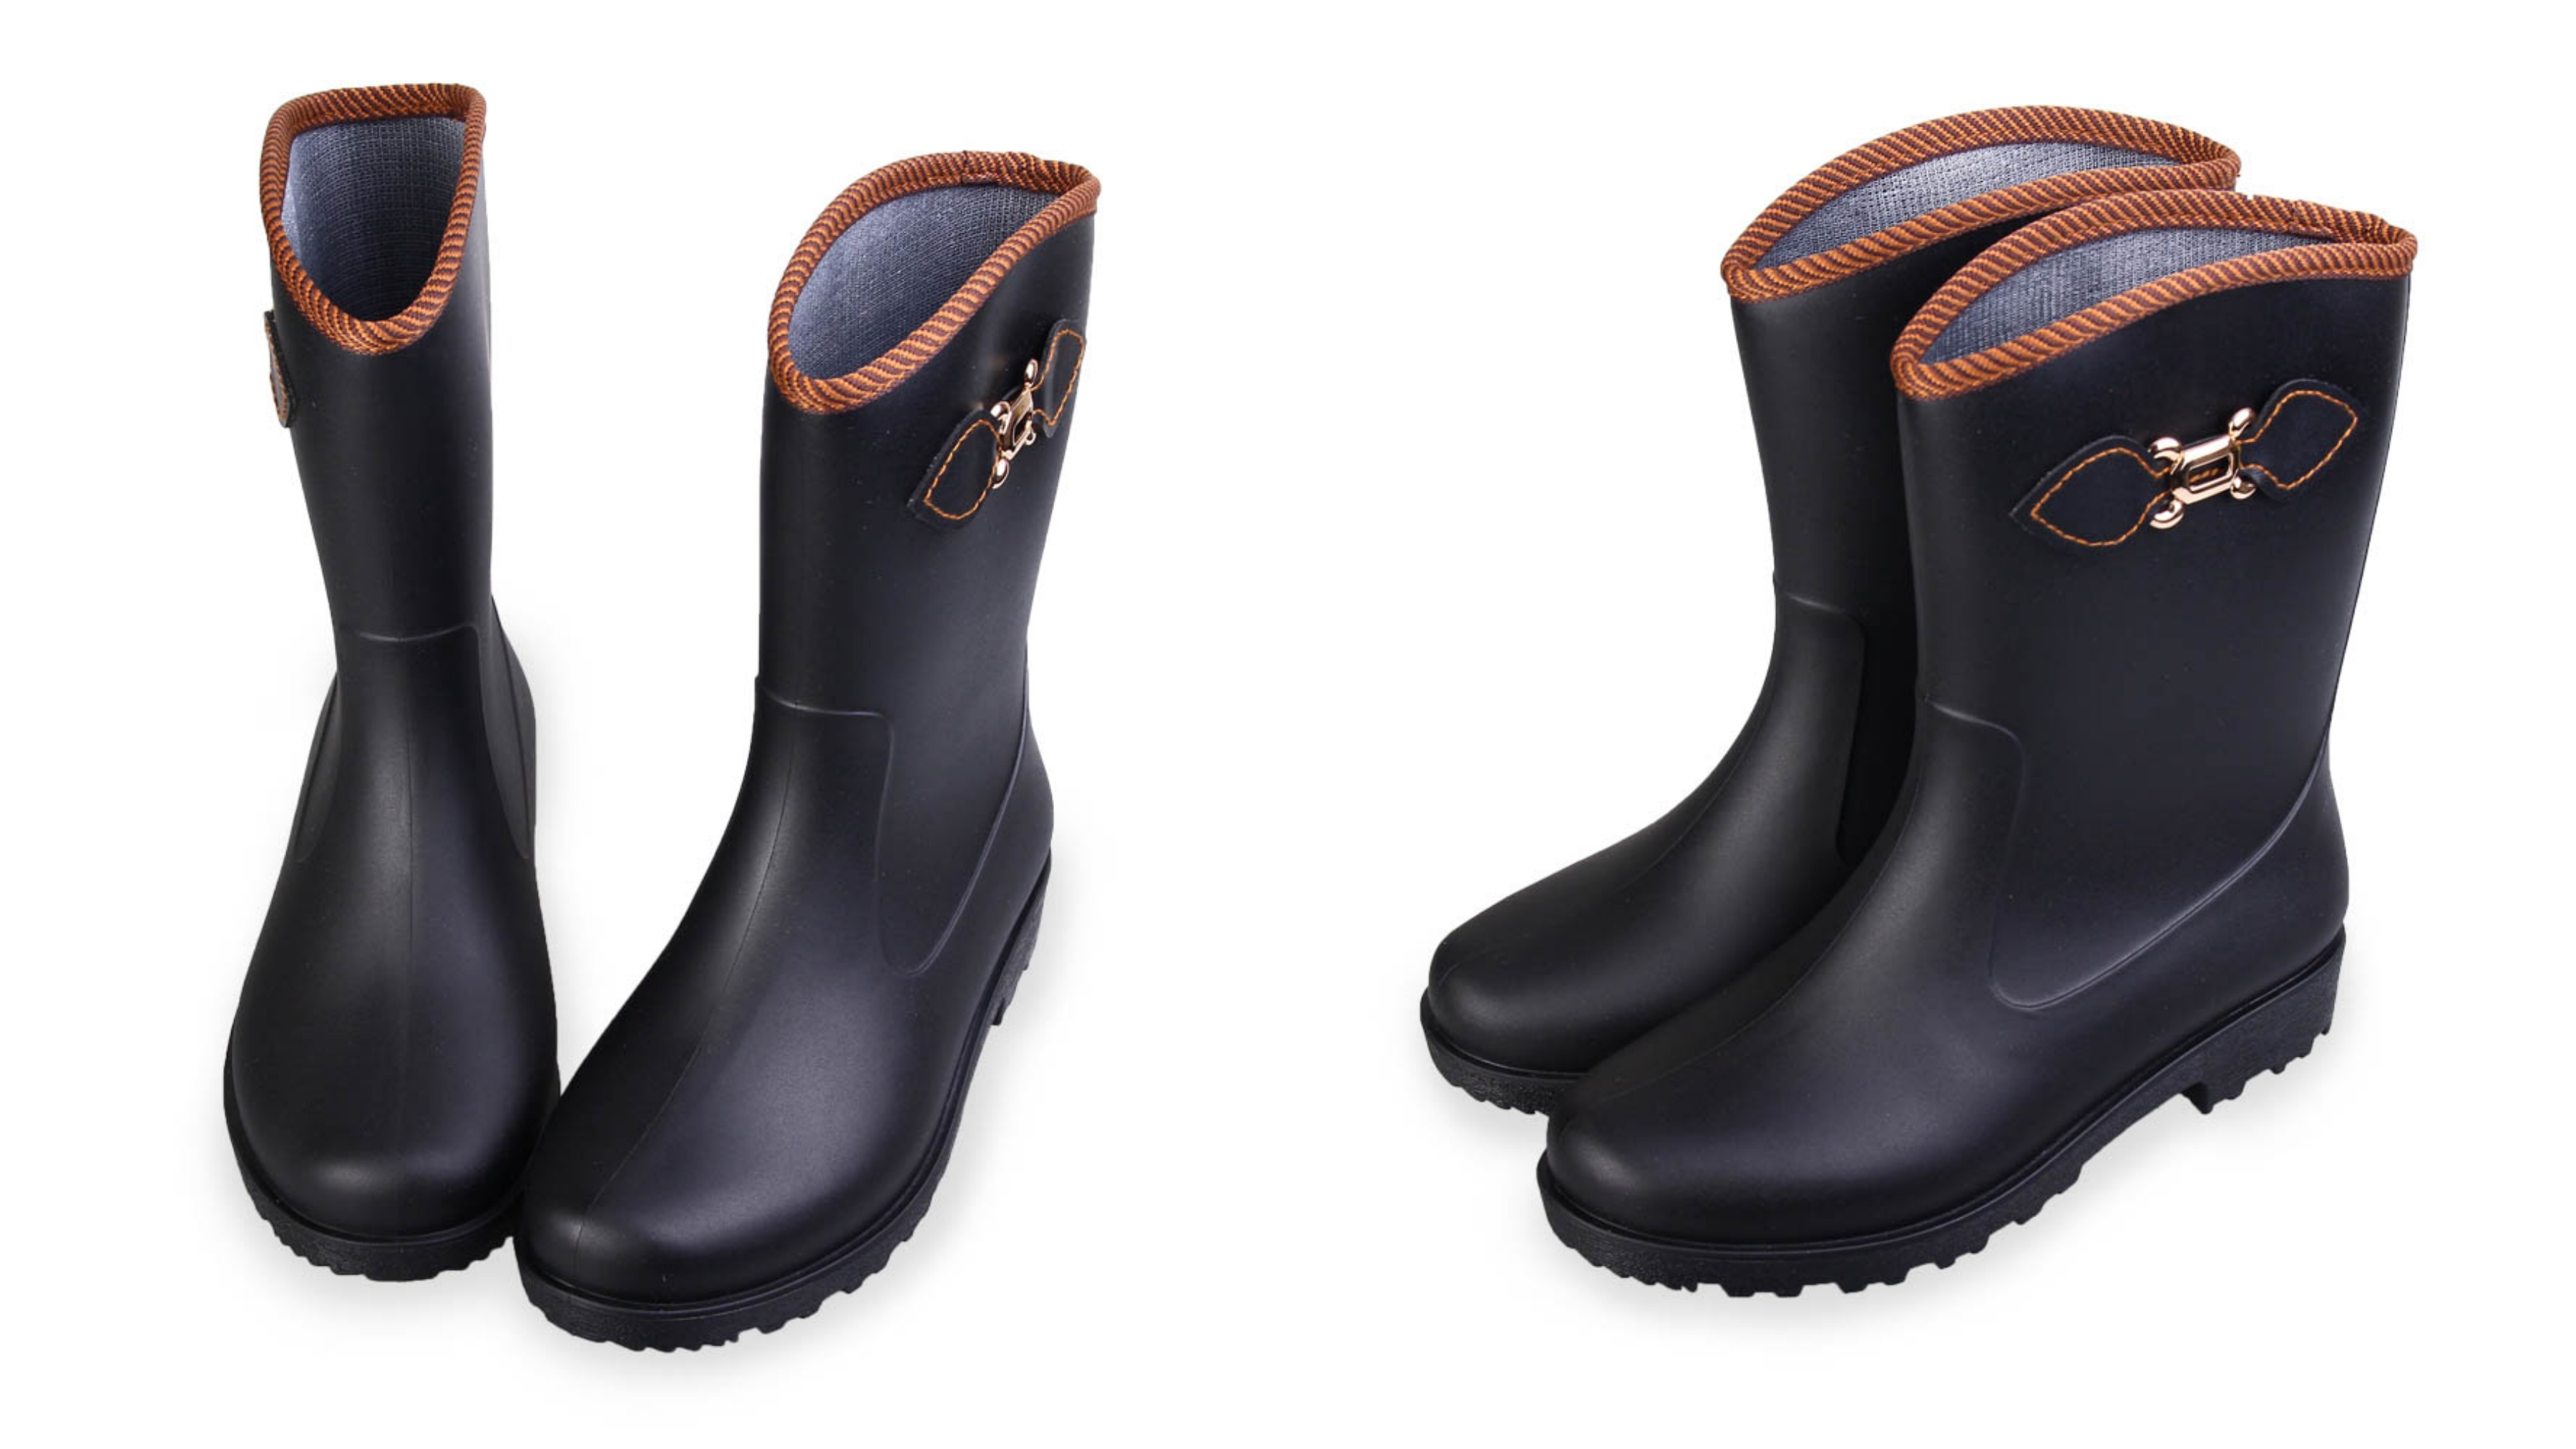 側邊釦環時尚設計搭配霧面中短筒防水雨靴,一體成型無縫設計,百分百防水